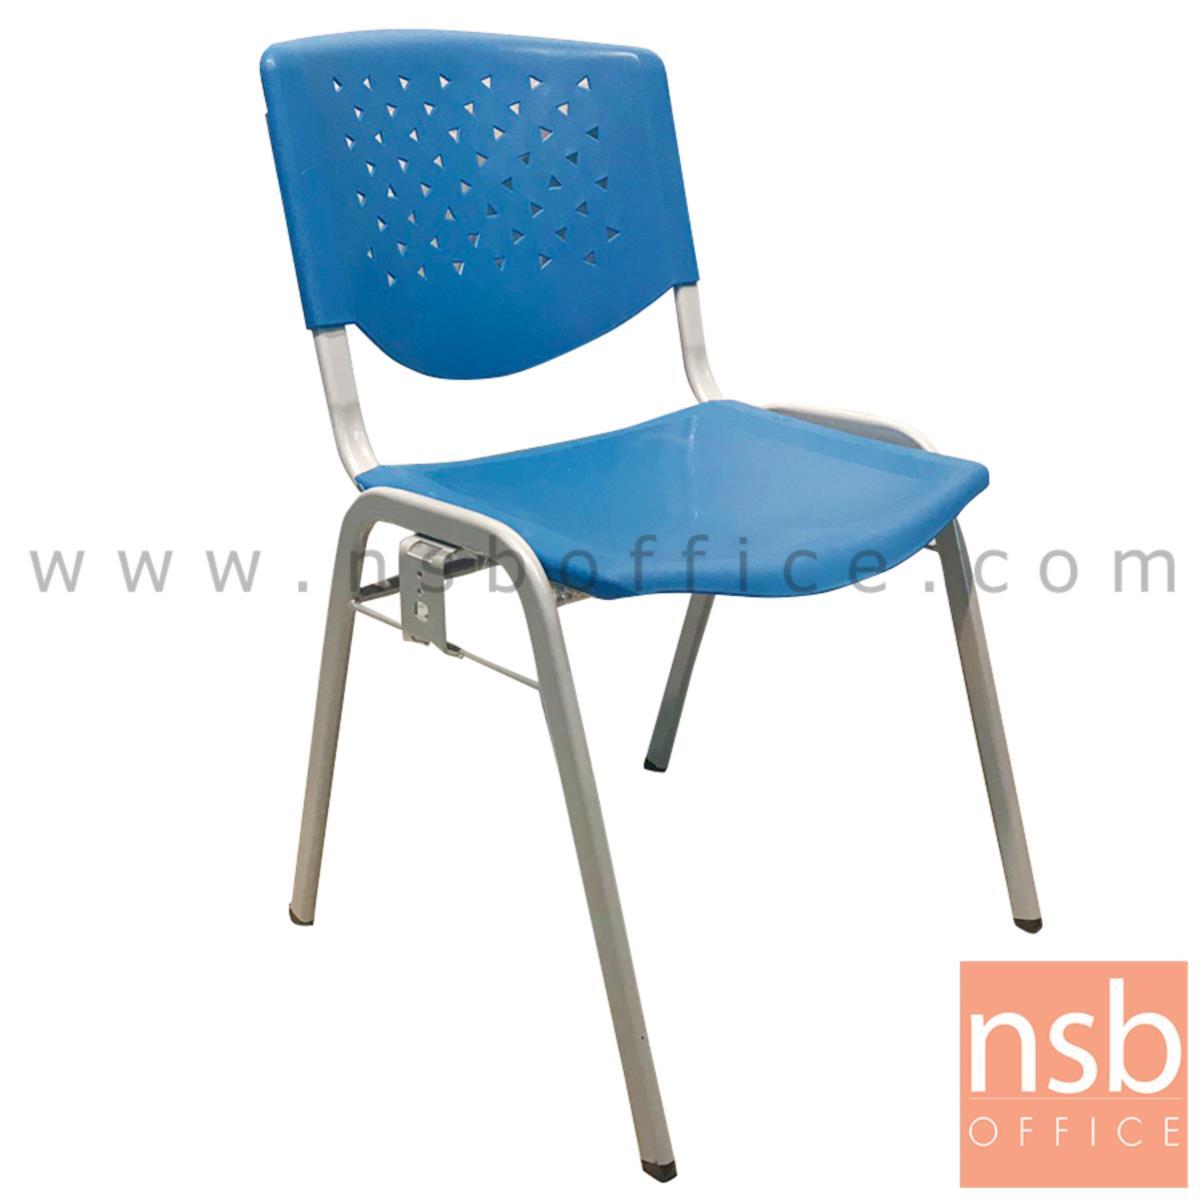 B05A174:เก้าอี้อเนกประสงค์เฟรมโพลี่ รุ่น KK-M017 ขาเหล็ก